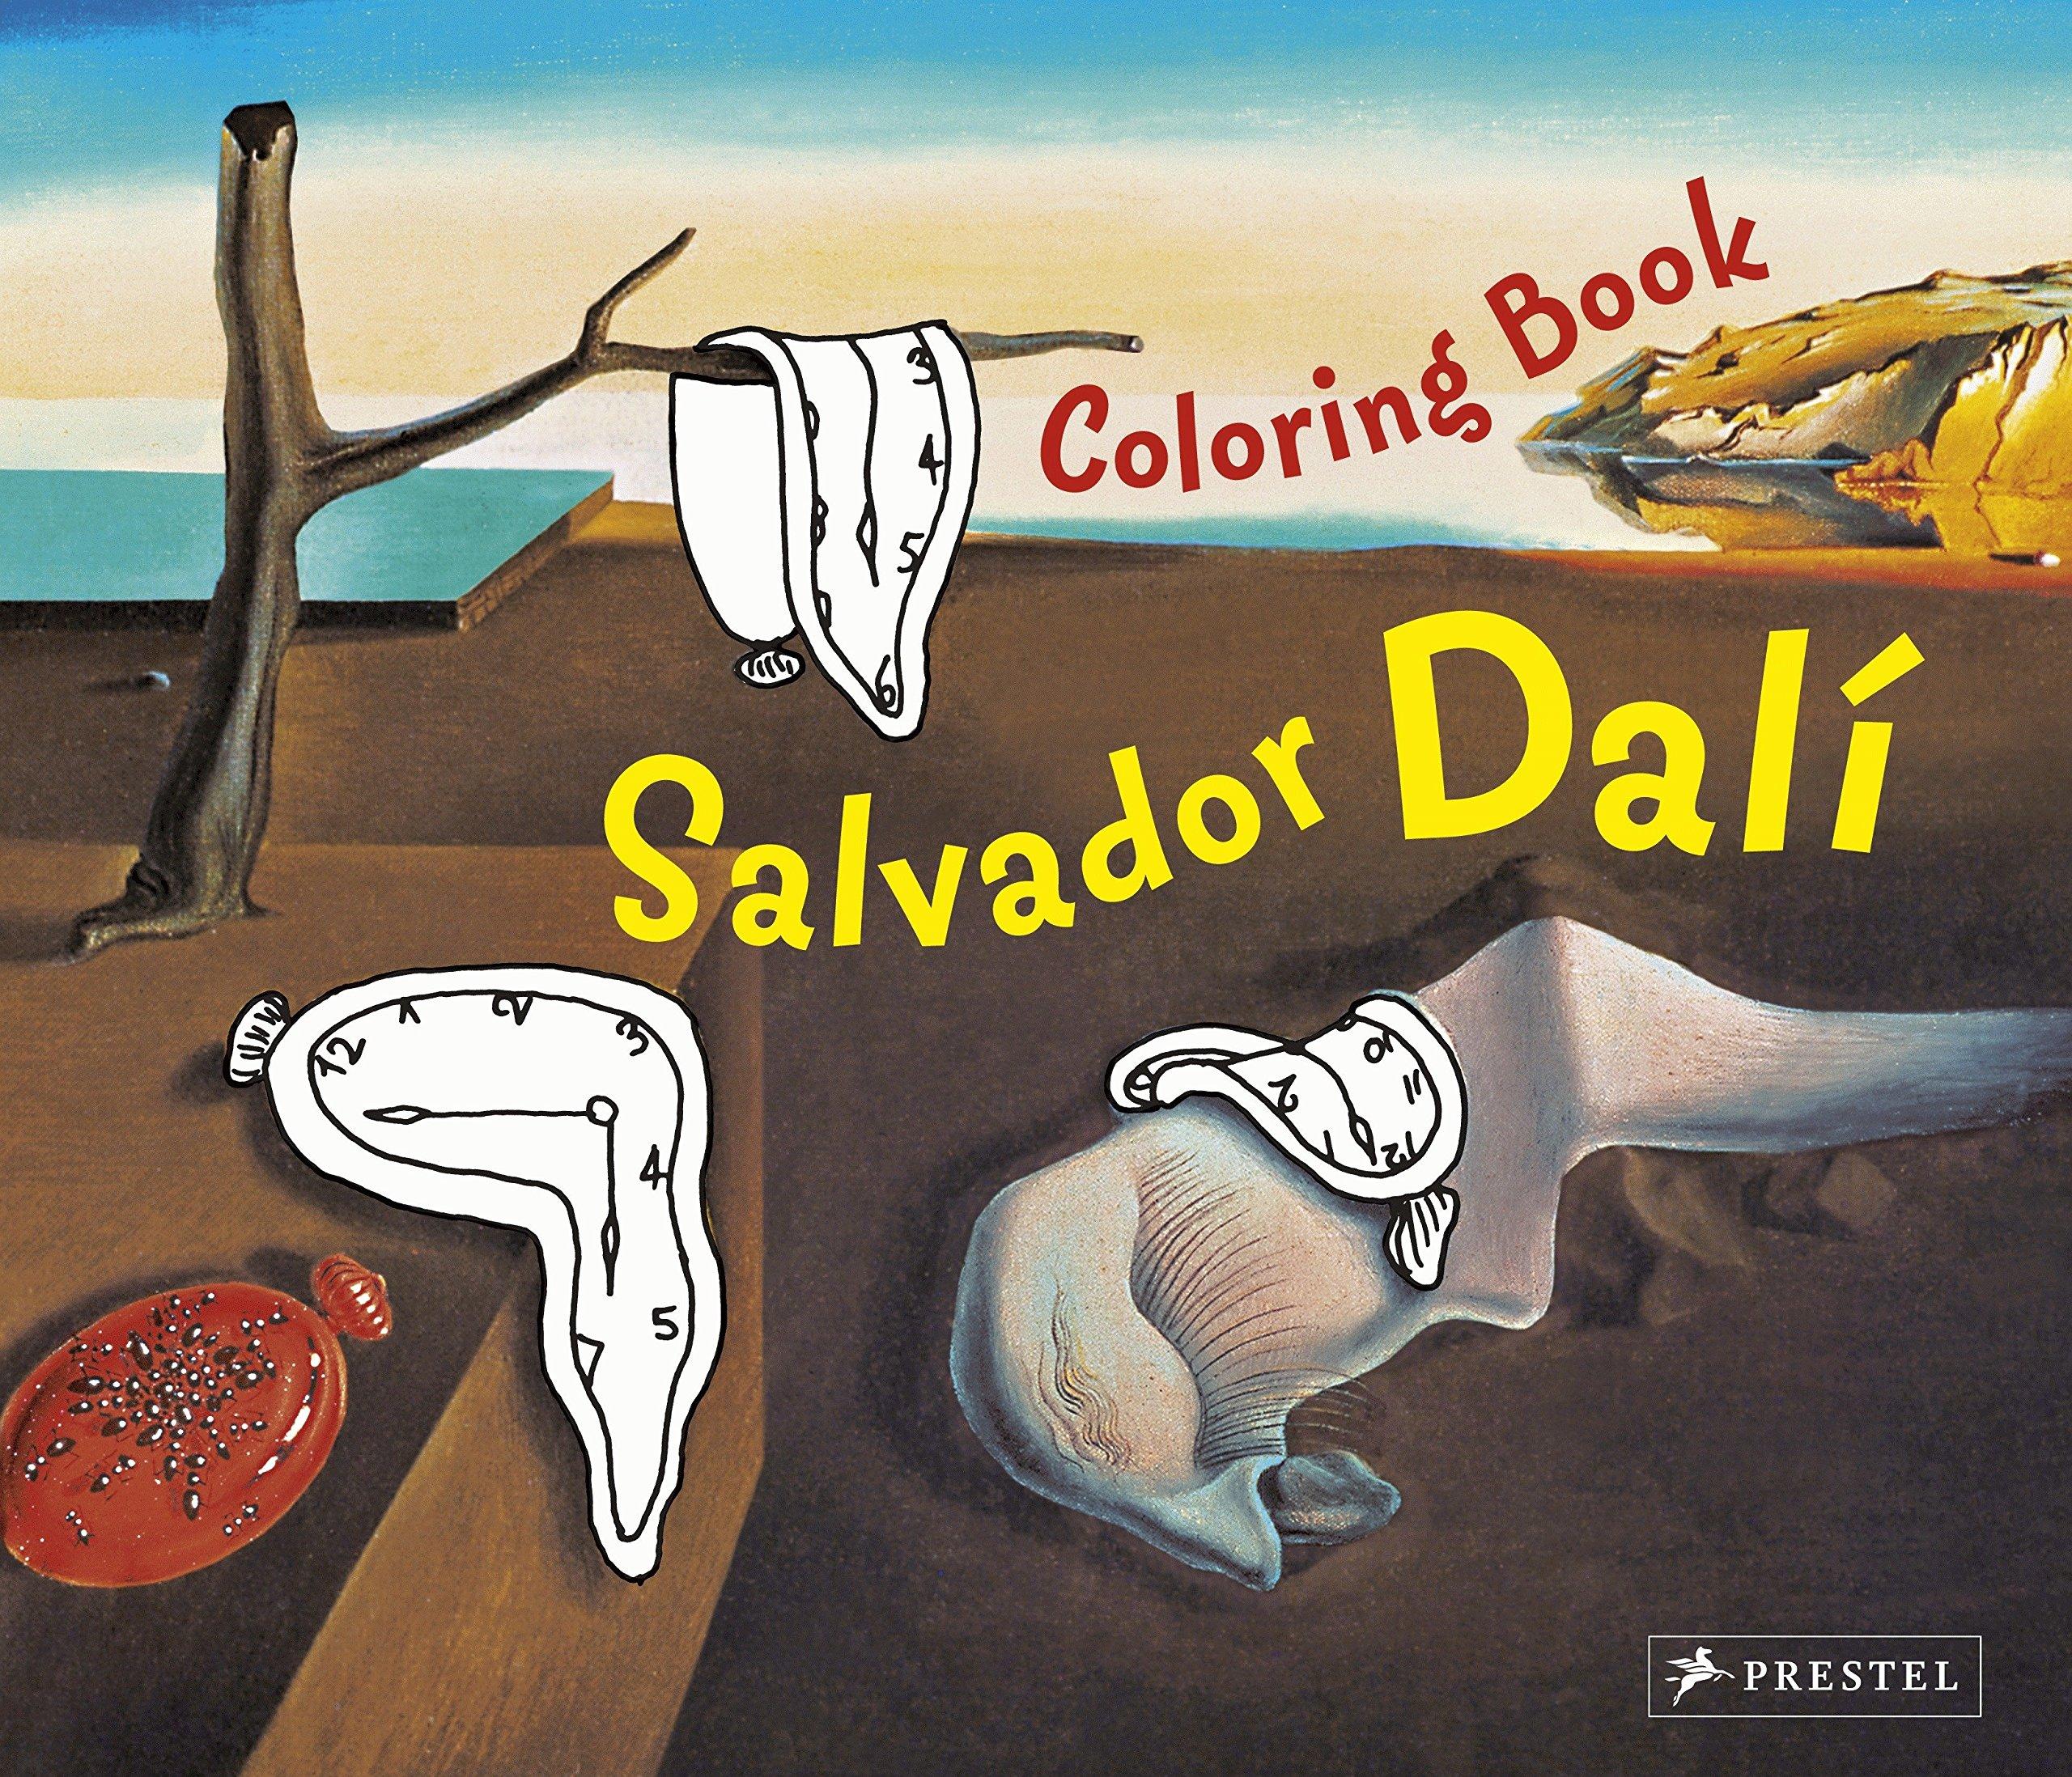 Dali Coloring Book